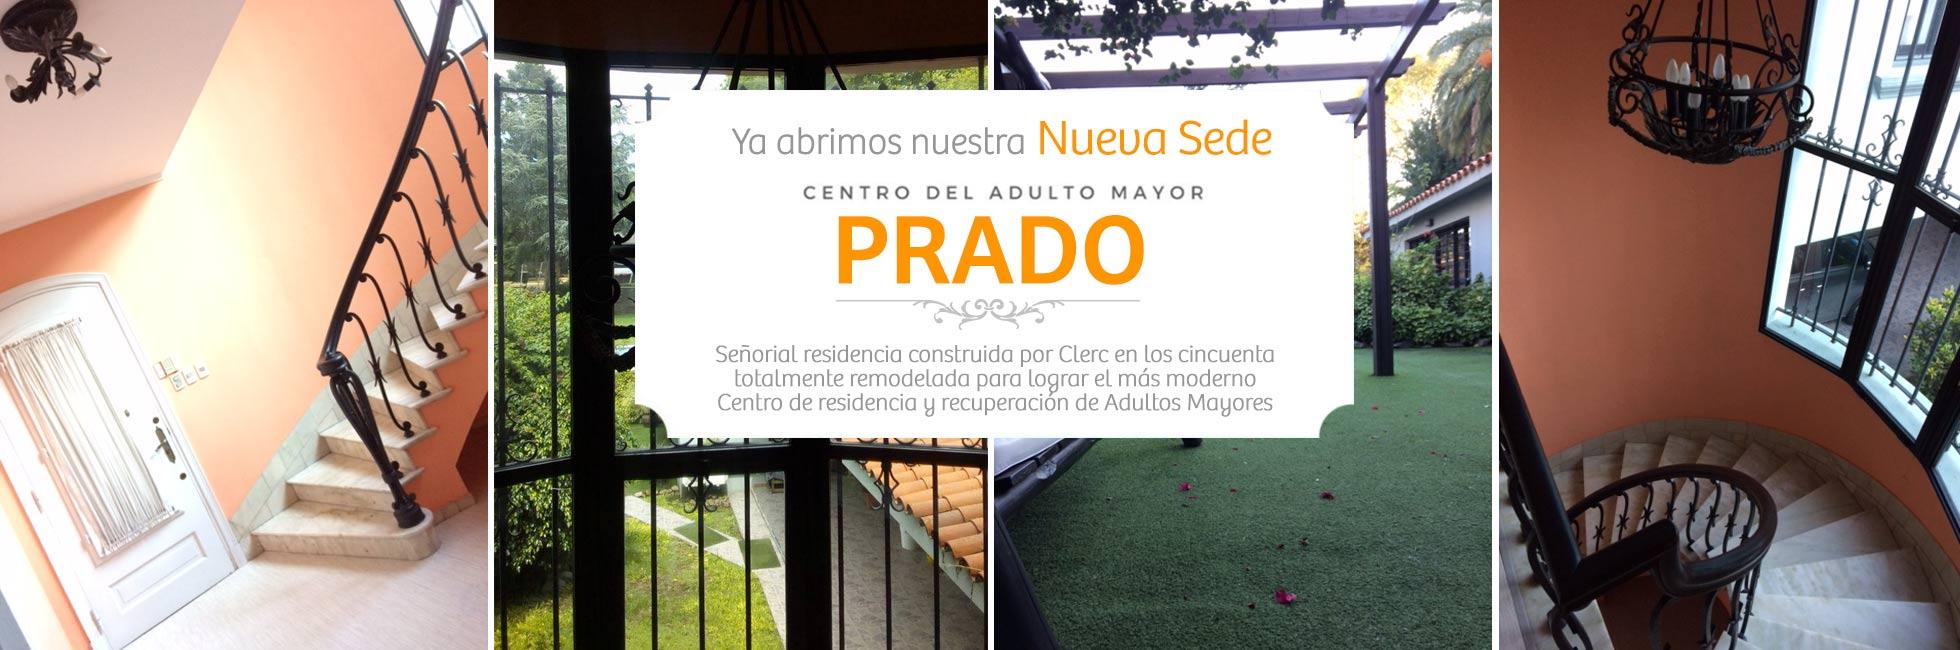 sede-prado-06